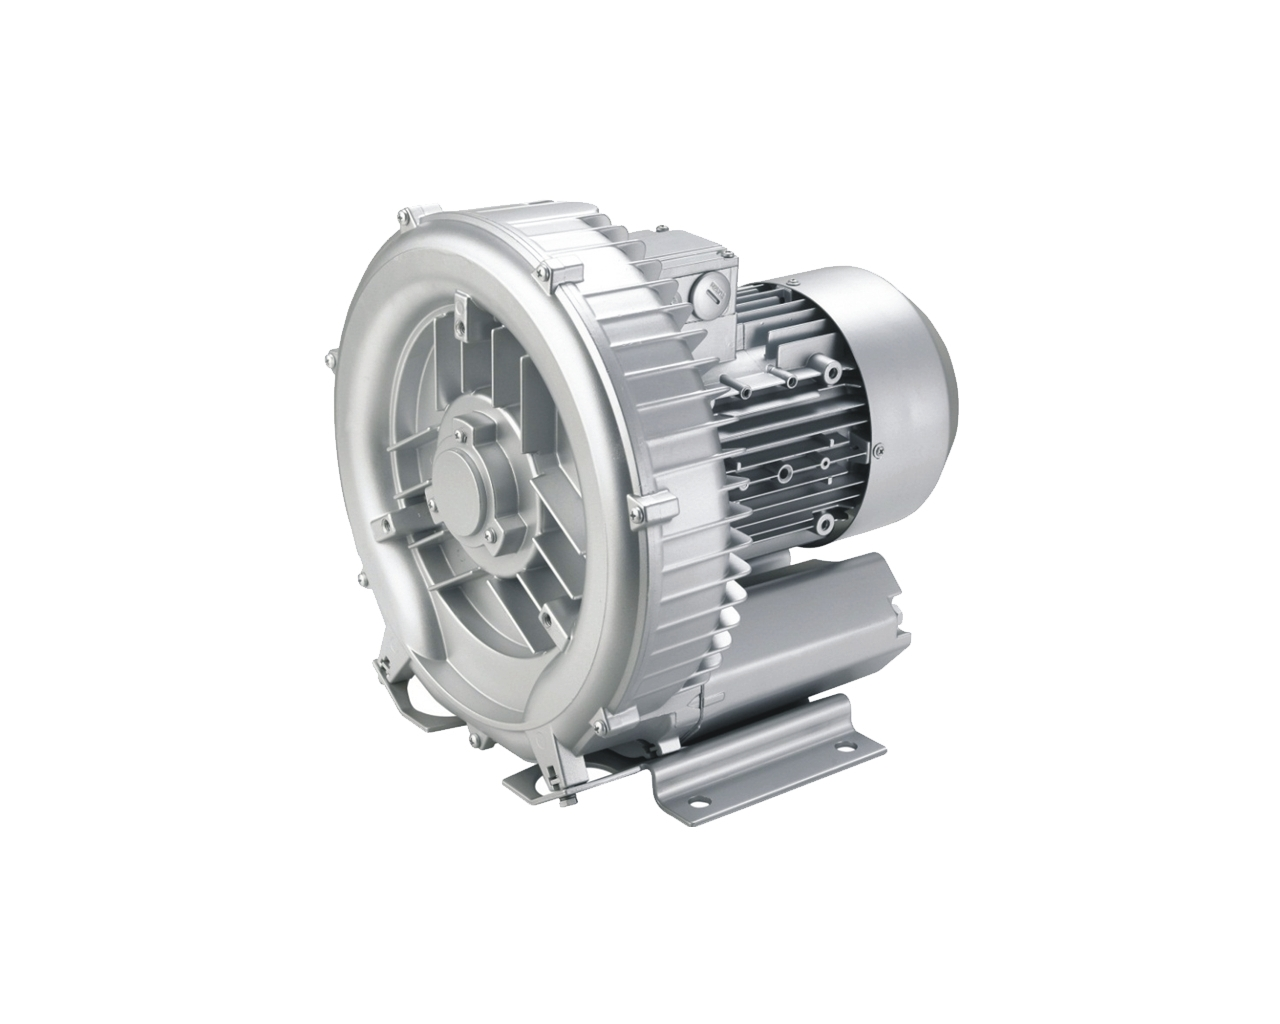 Vzduchovač HPE 80 pro trvalý chod, 0,4kW, 230V, 80m3/h